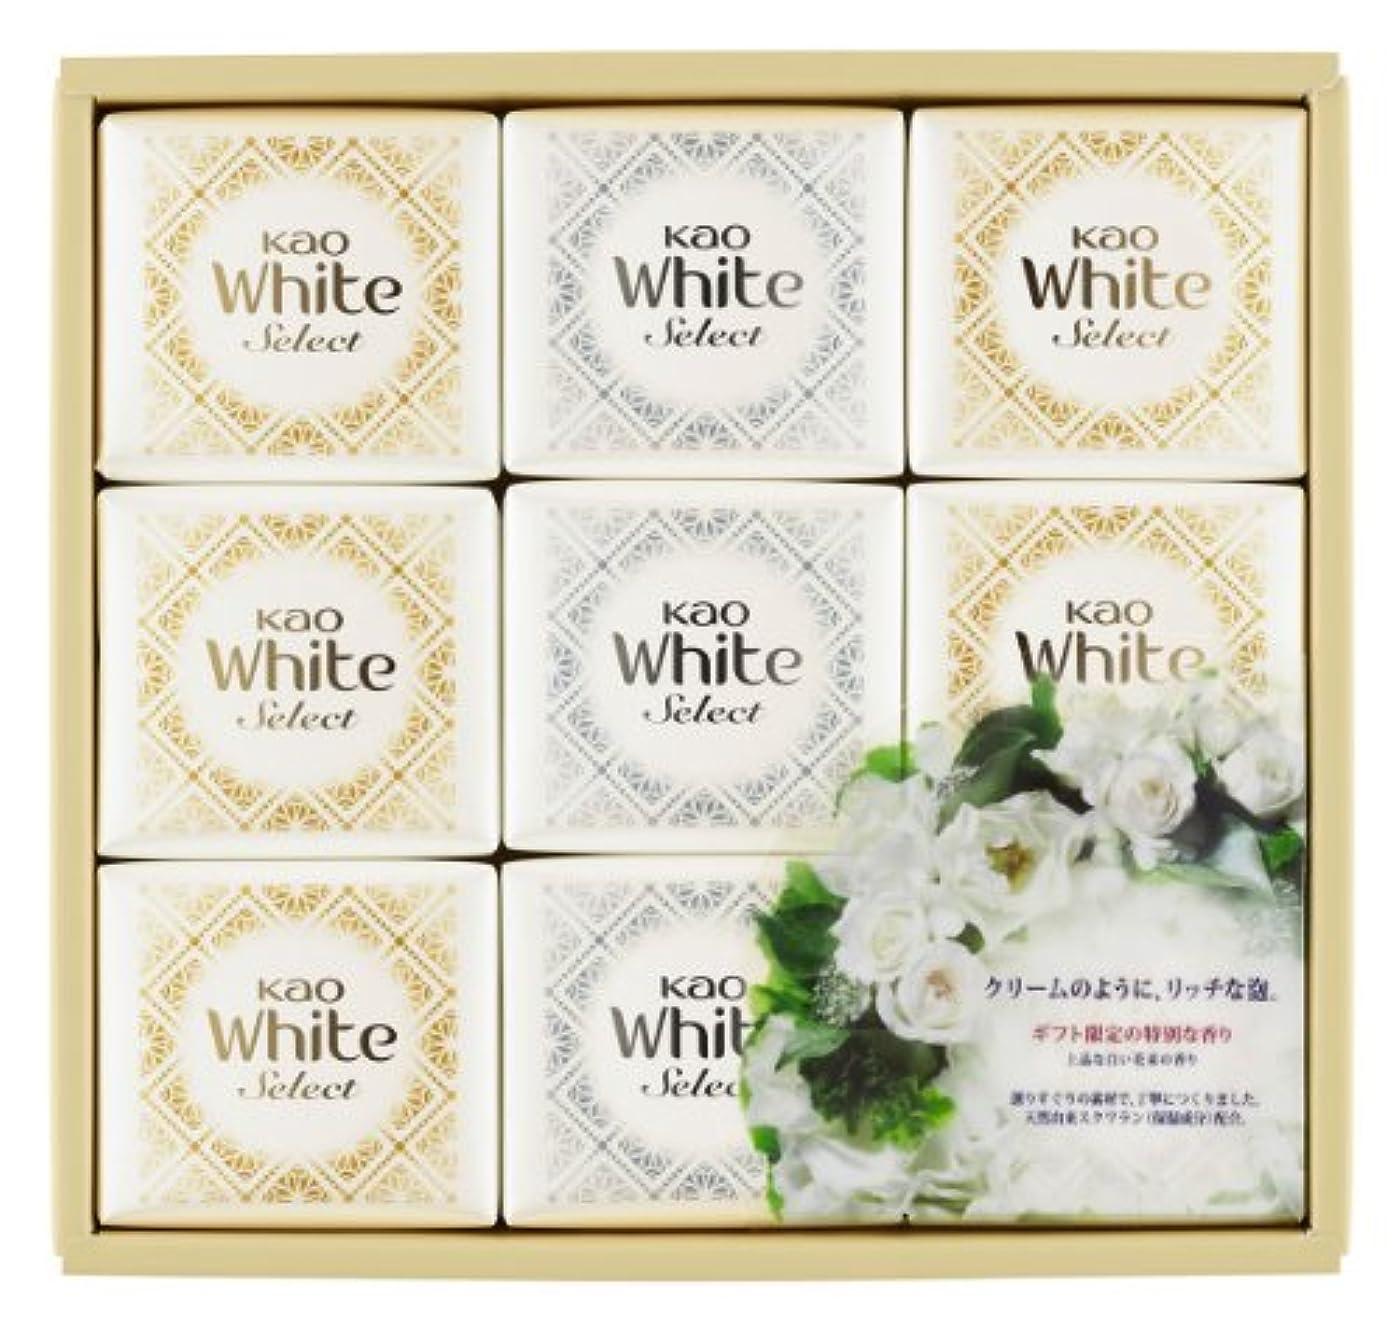 船外安定しました離れて花王ホワイト セレクト 上品な白い花束の香り 85g 9コ K?WS-15